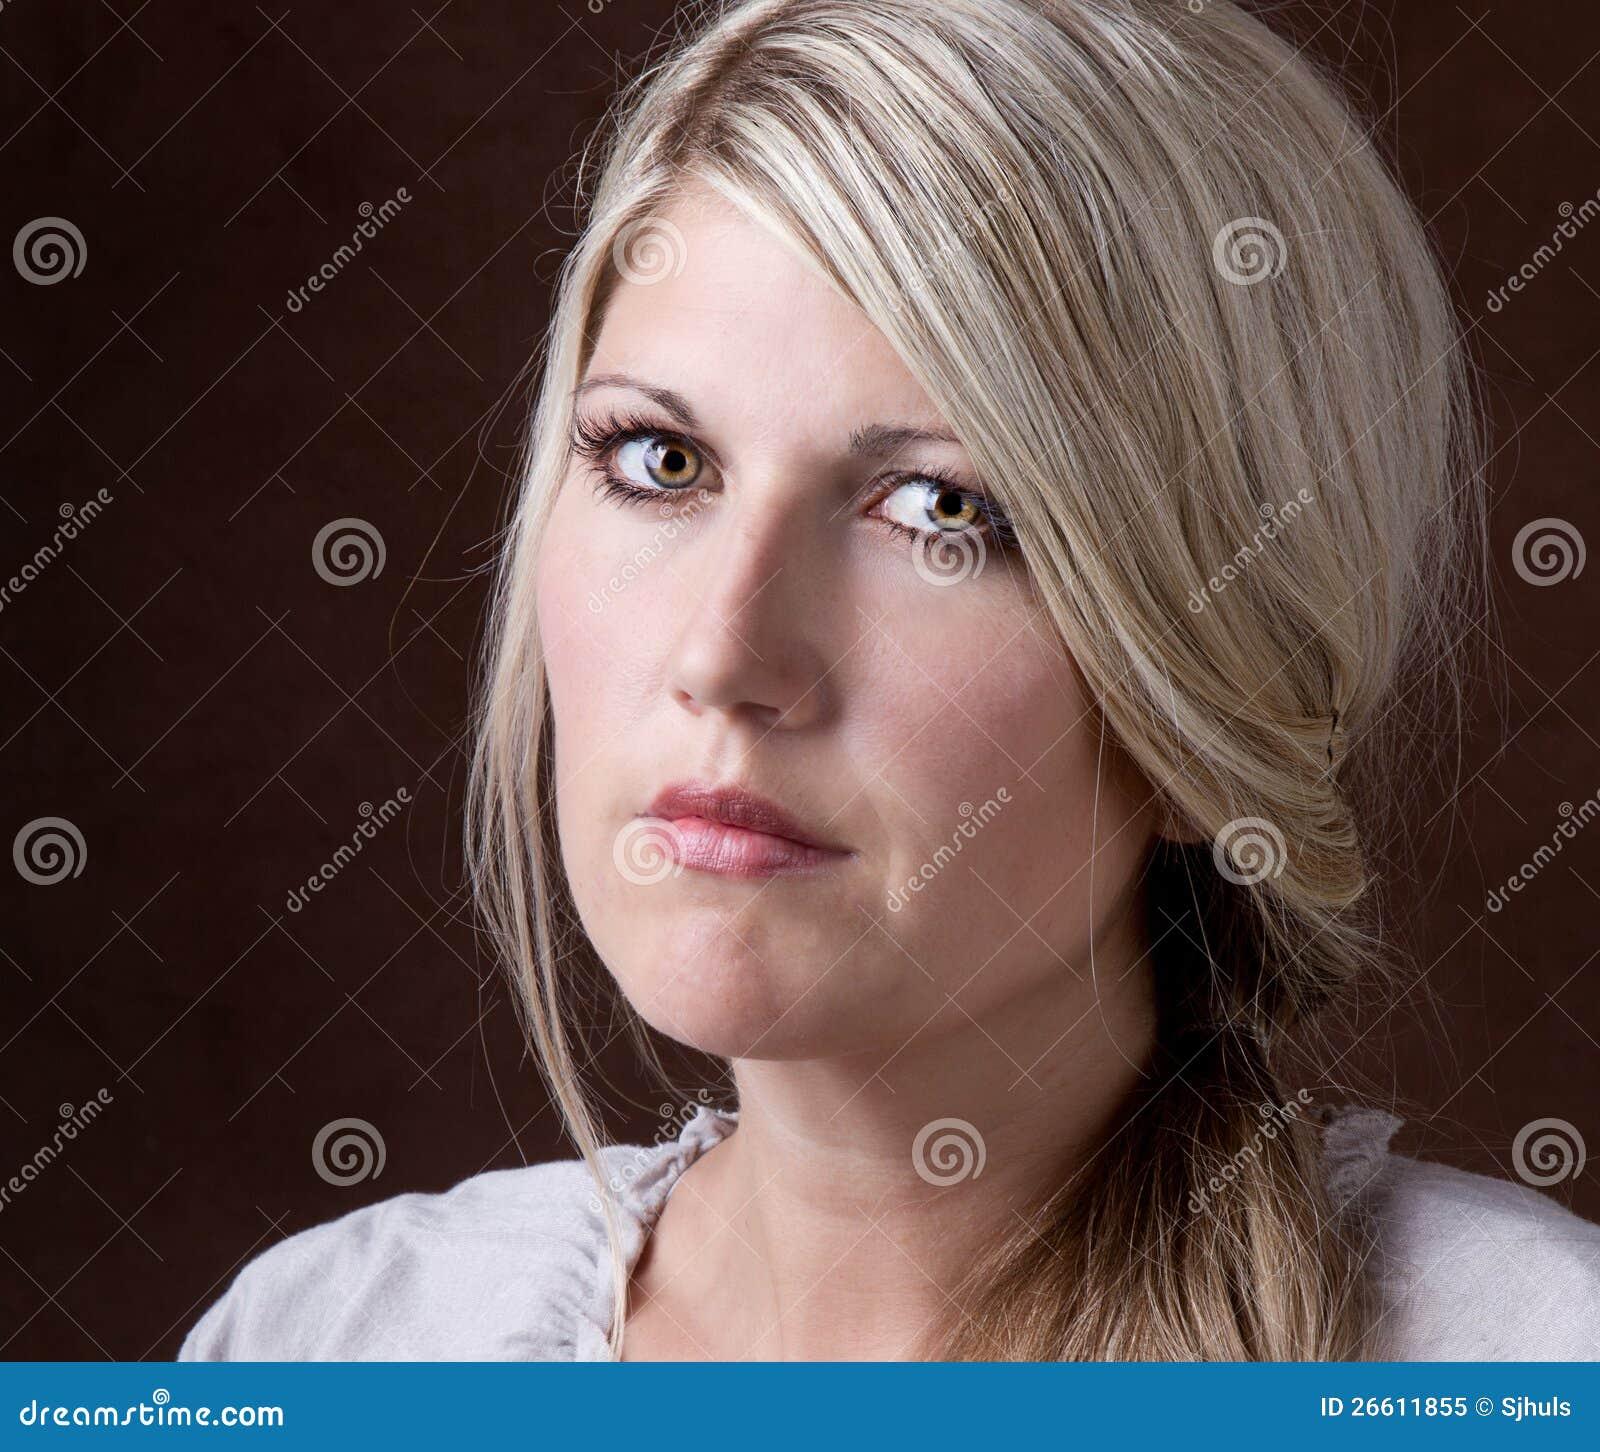 Фото женщин 30 40лет 11 фотография